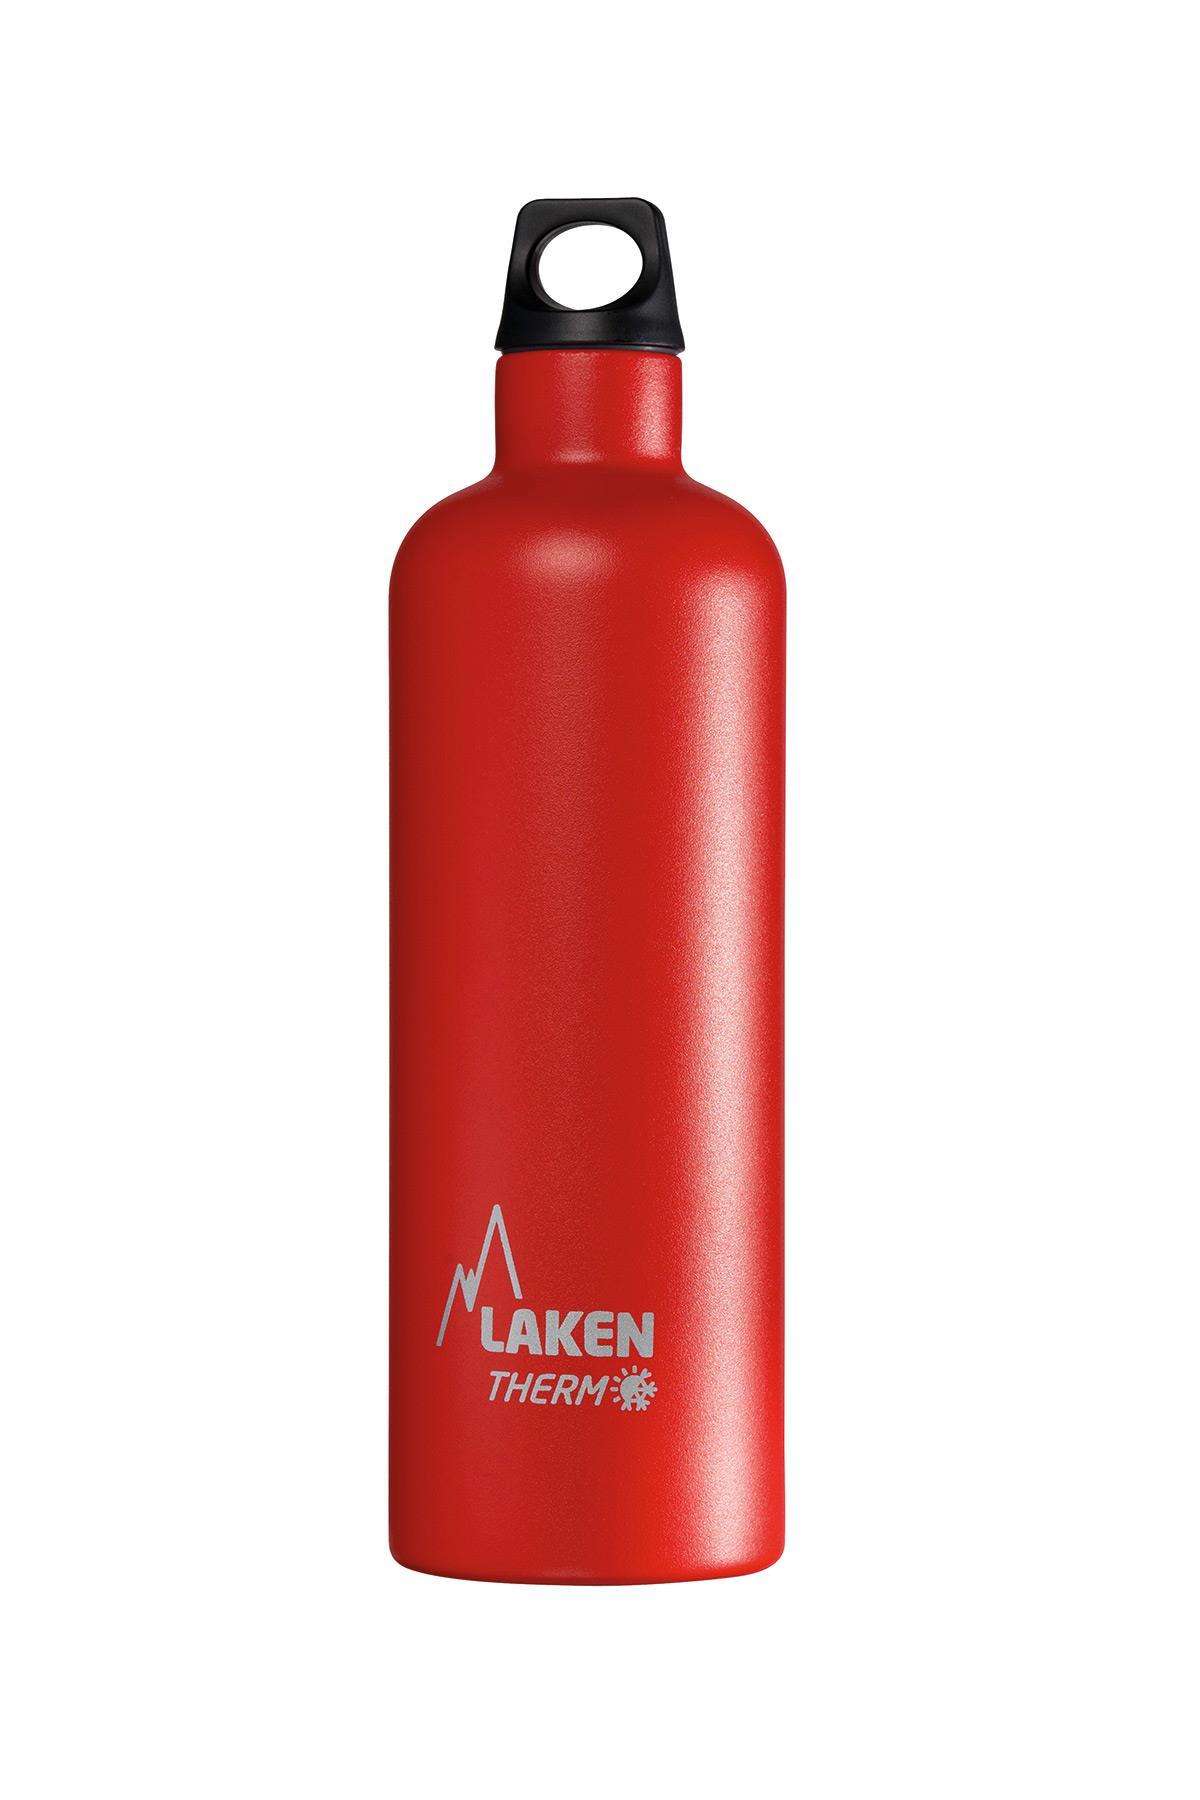 Laken Çelik Futura Termos Şişe 0,75L Kırmızı Lkte7R